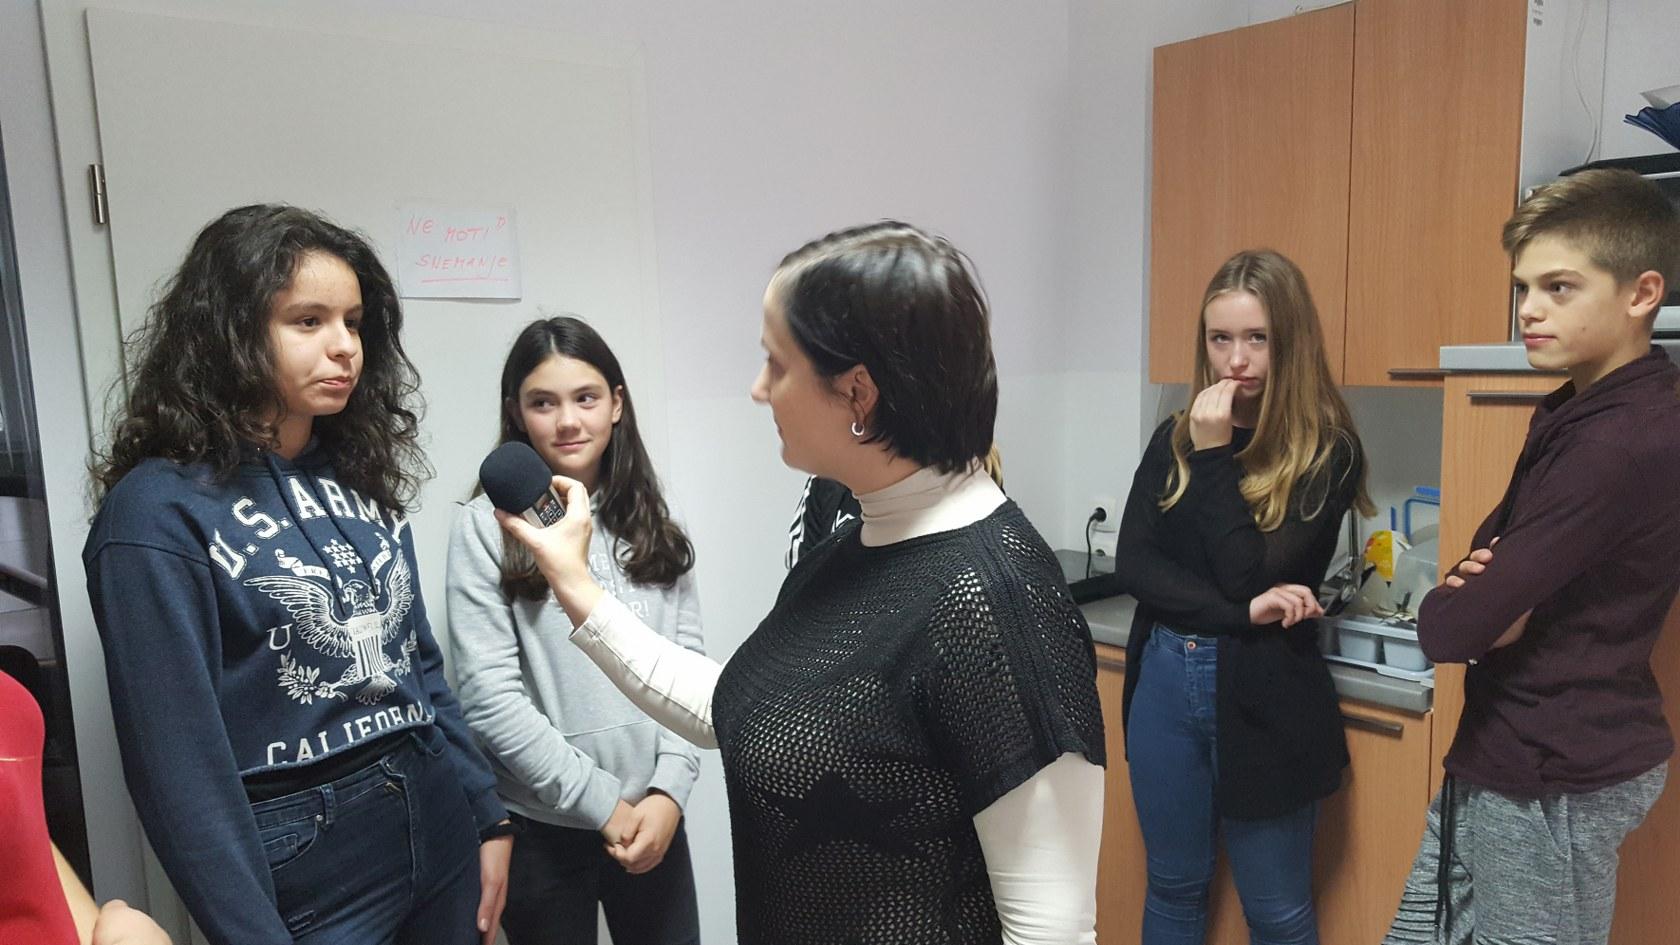 obisk-radia-tednik-ptuj-novinar-19_1680x945